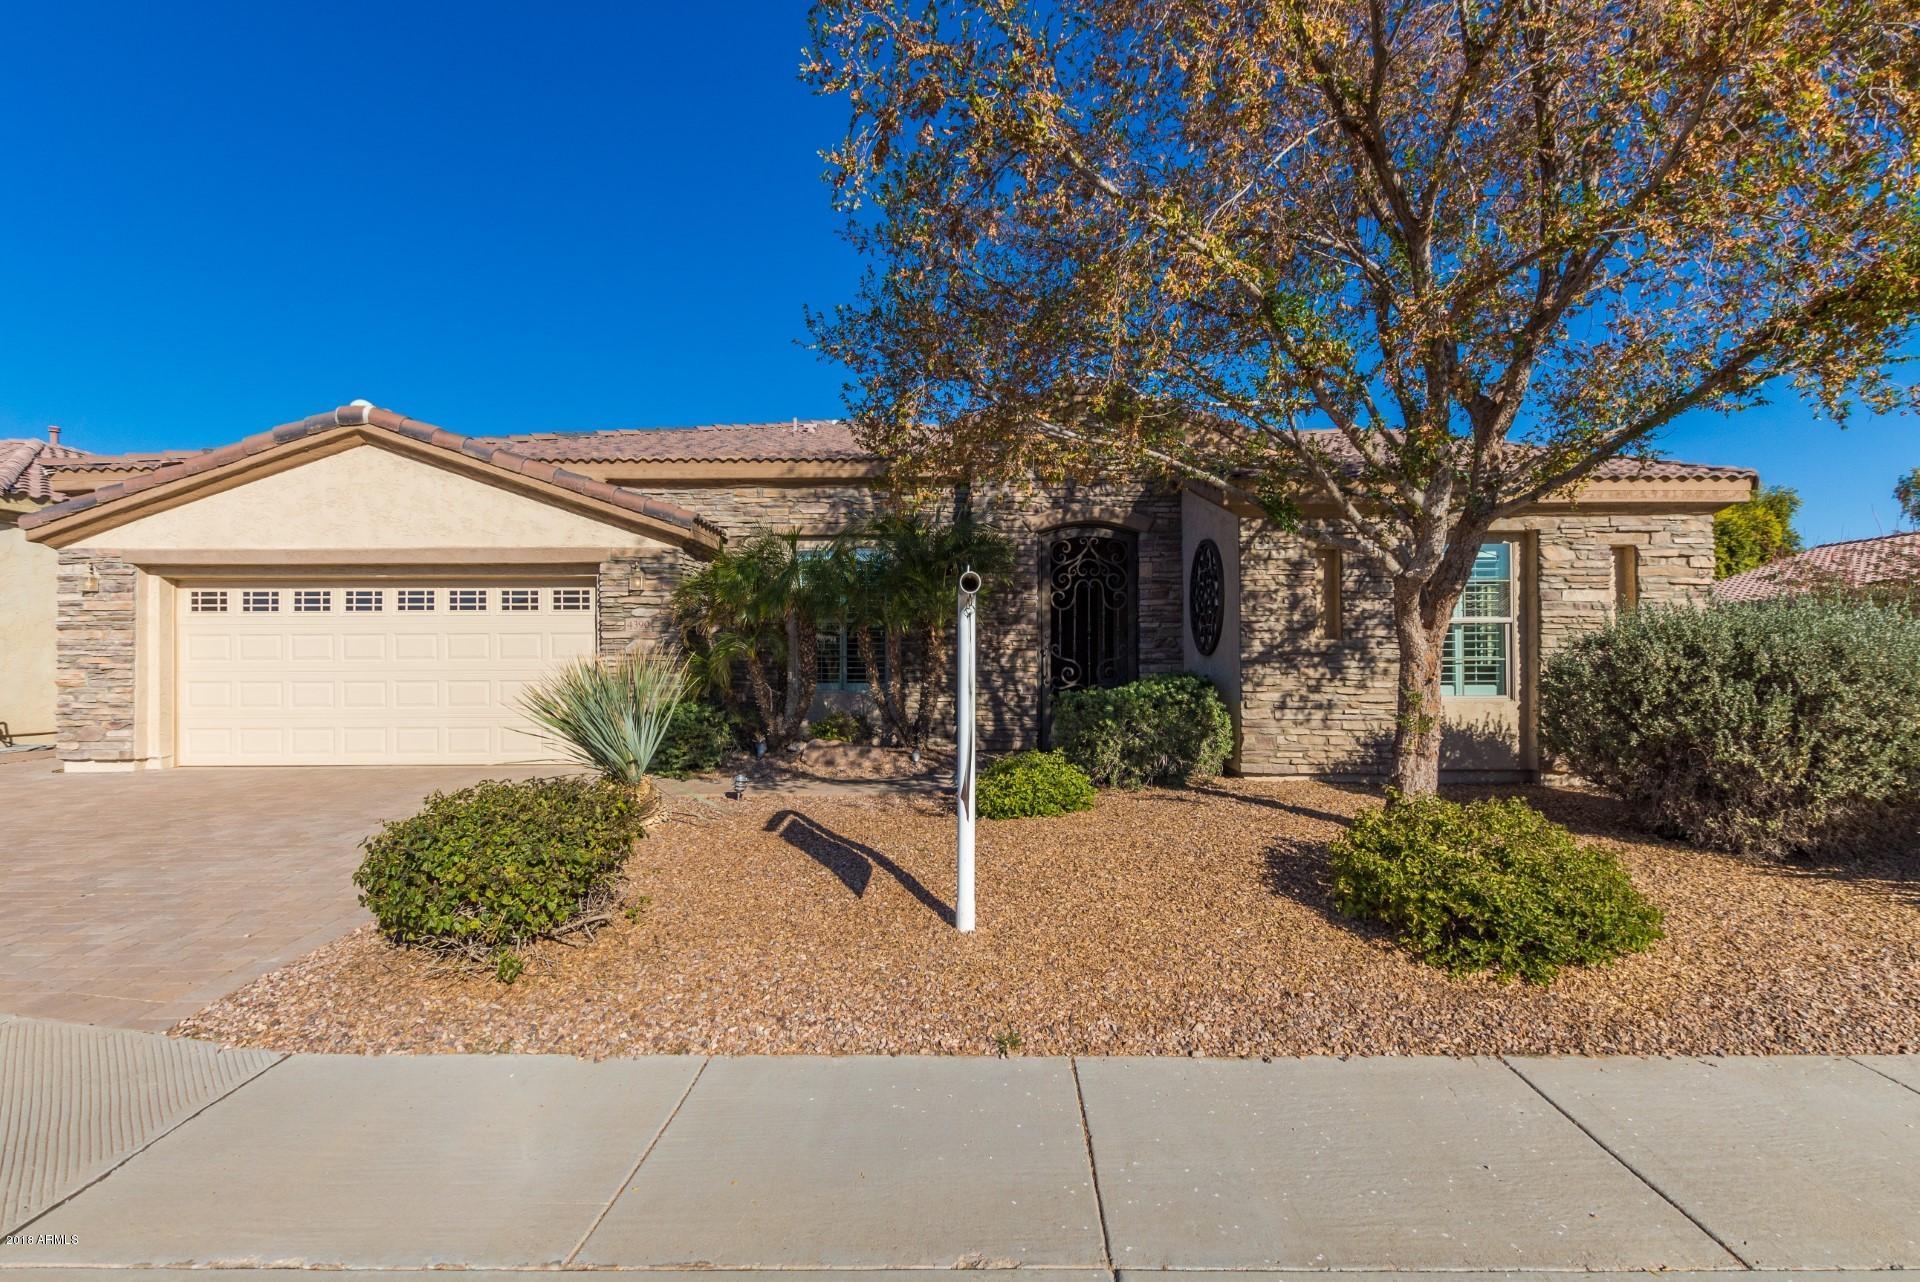 Photo of 4390 E FICUS Way, Gilbert, AZ 85298